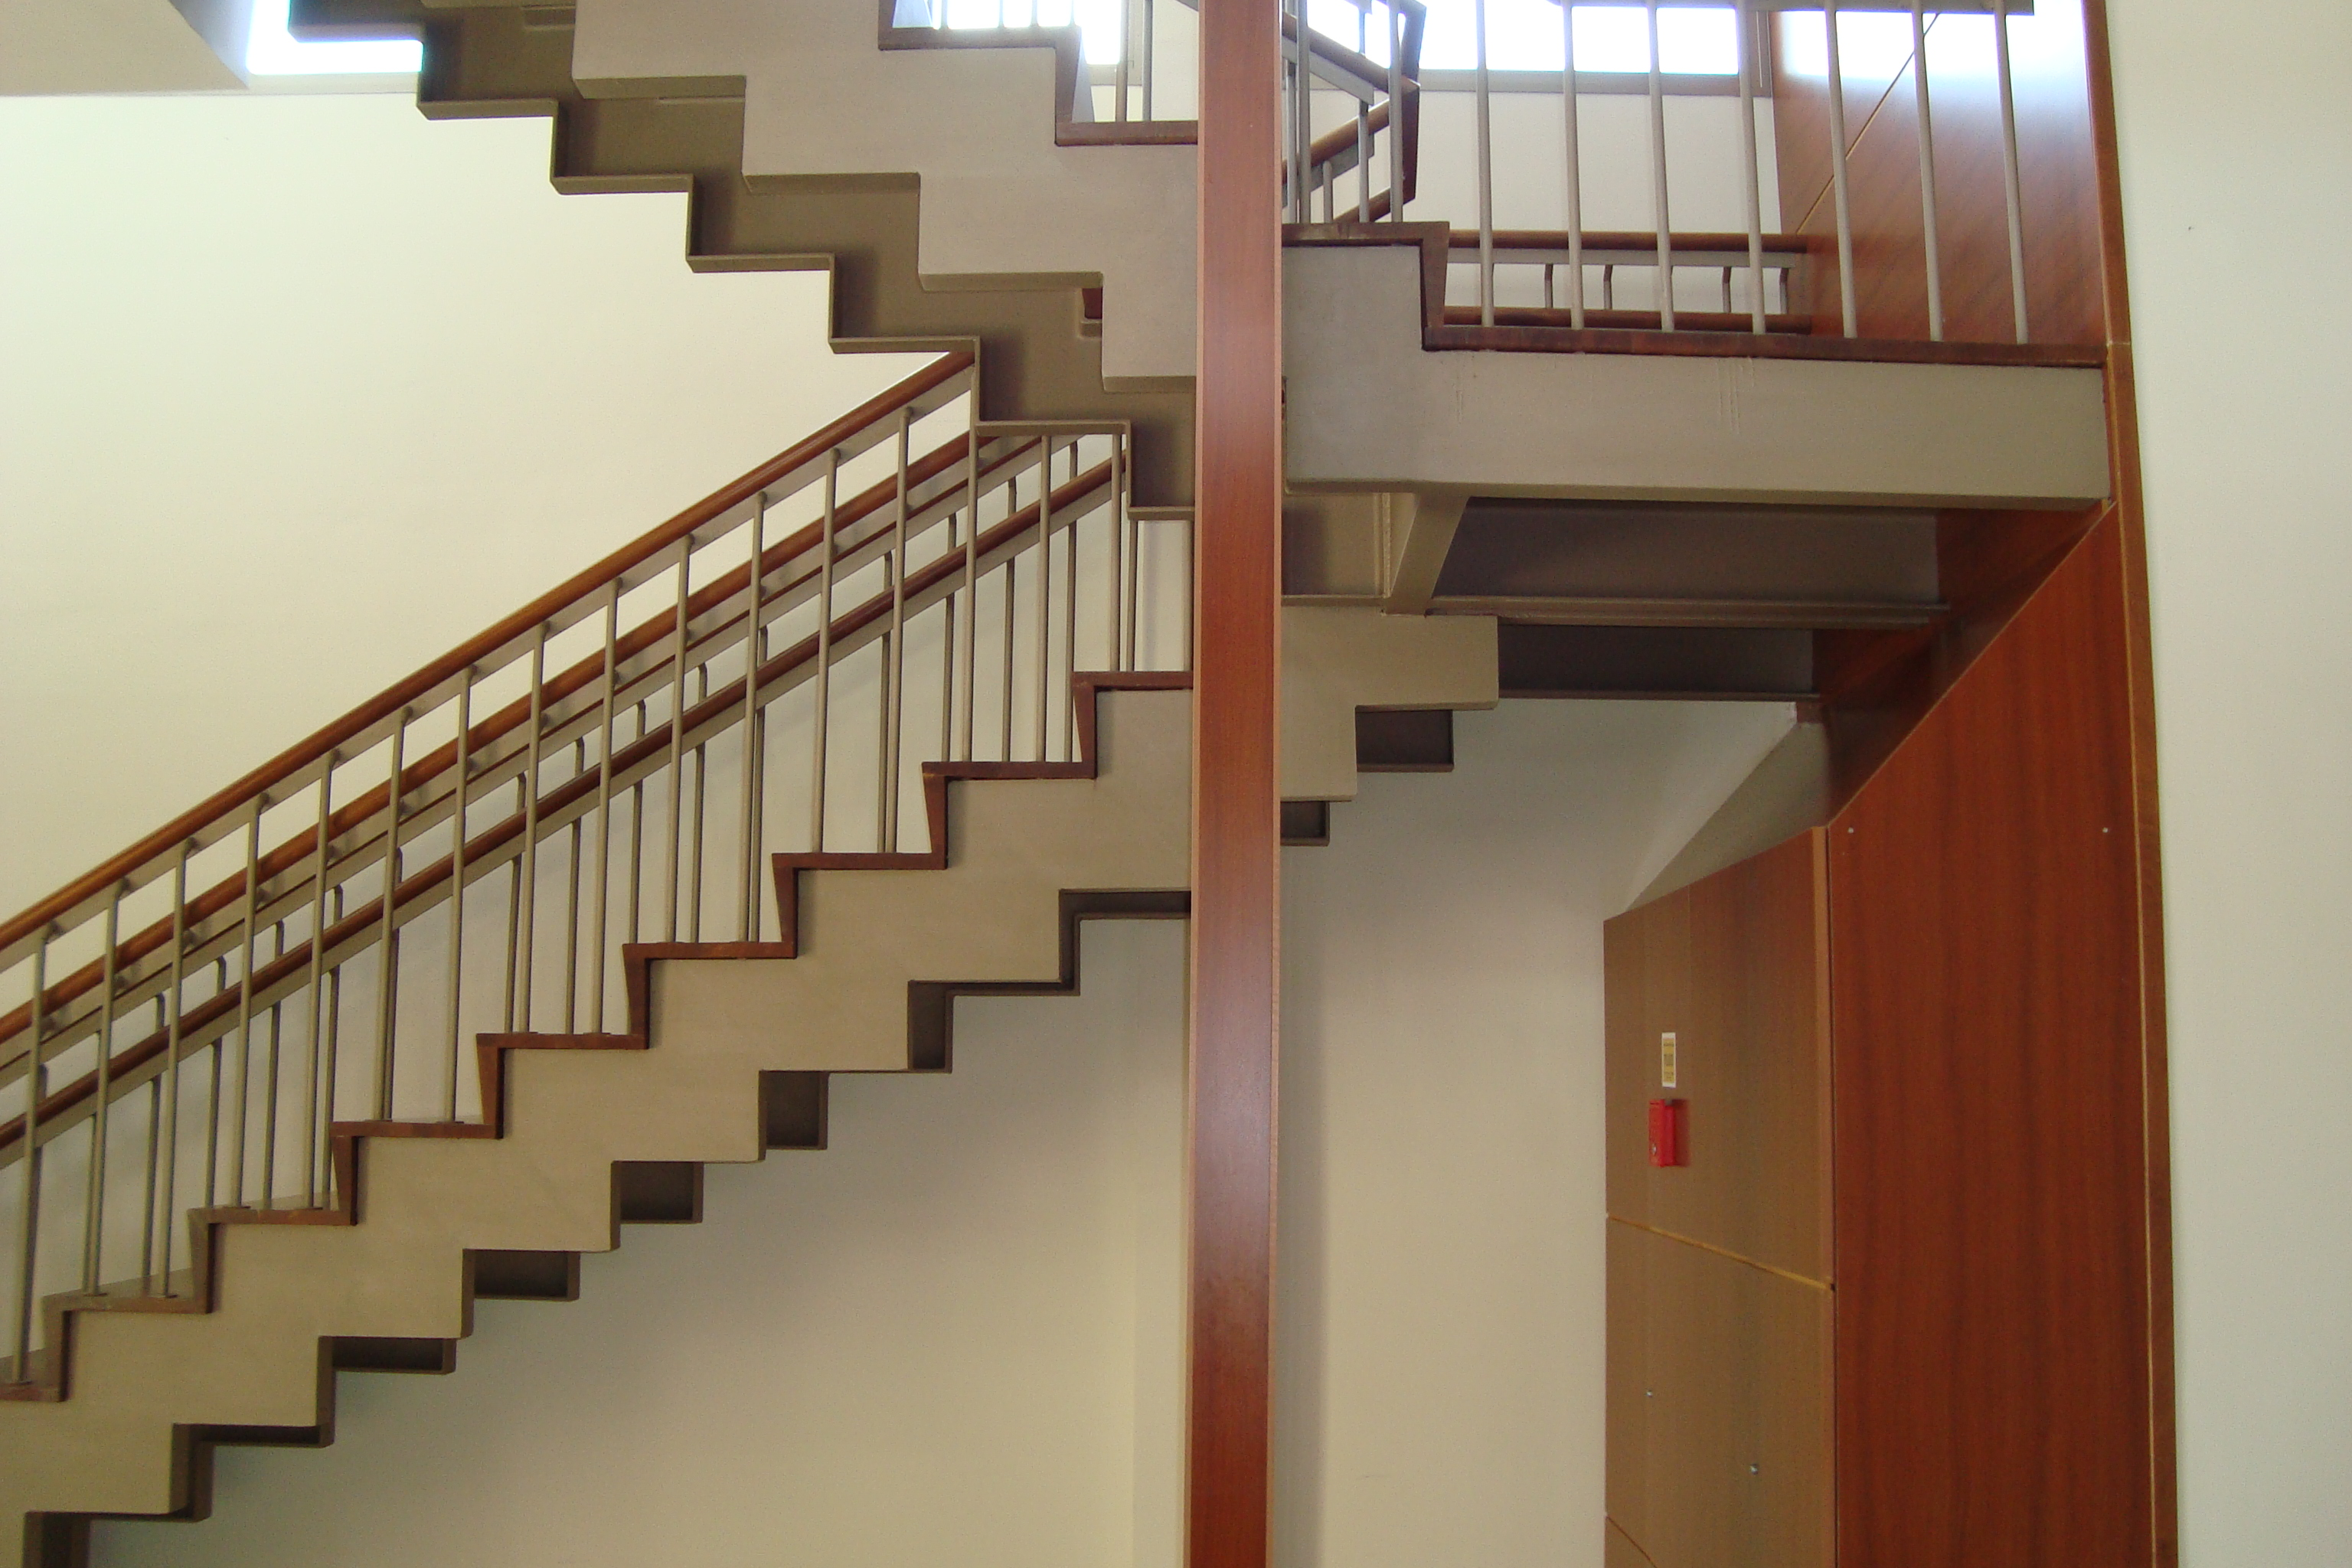 Estructura met lica escalera eco steel estructuras for Como construir una escalera metalica